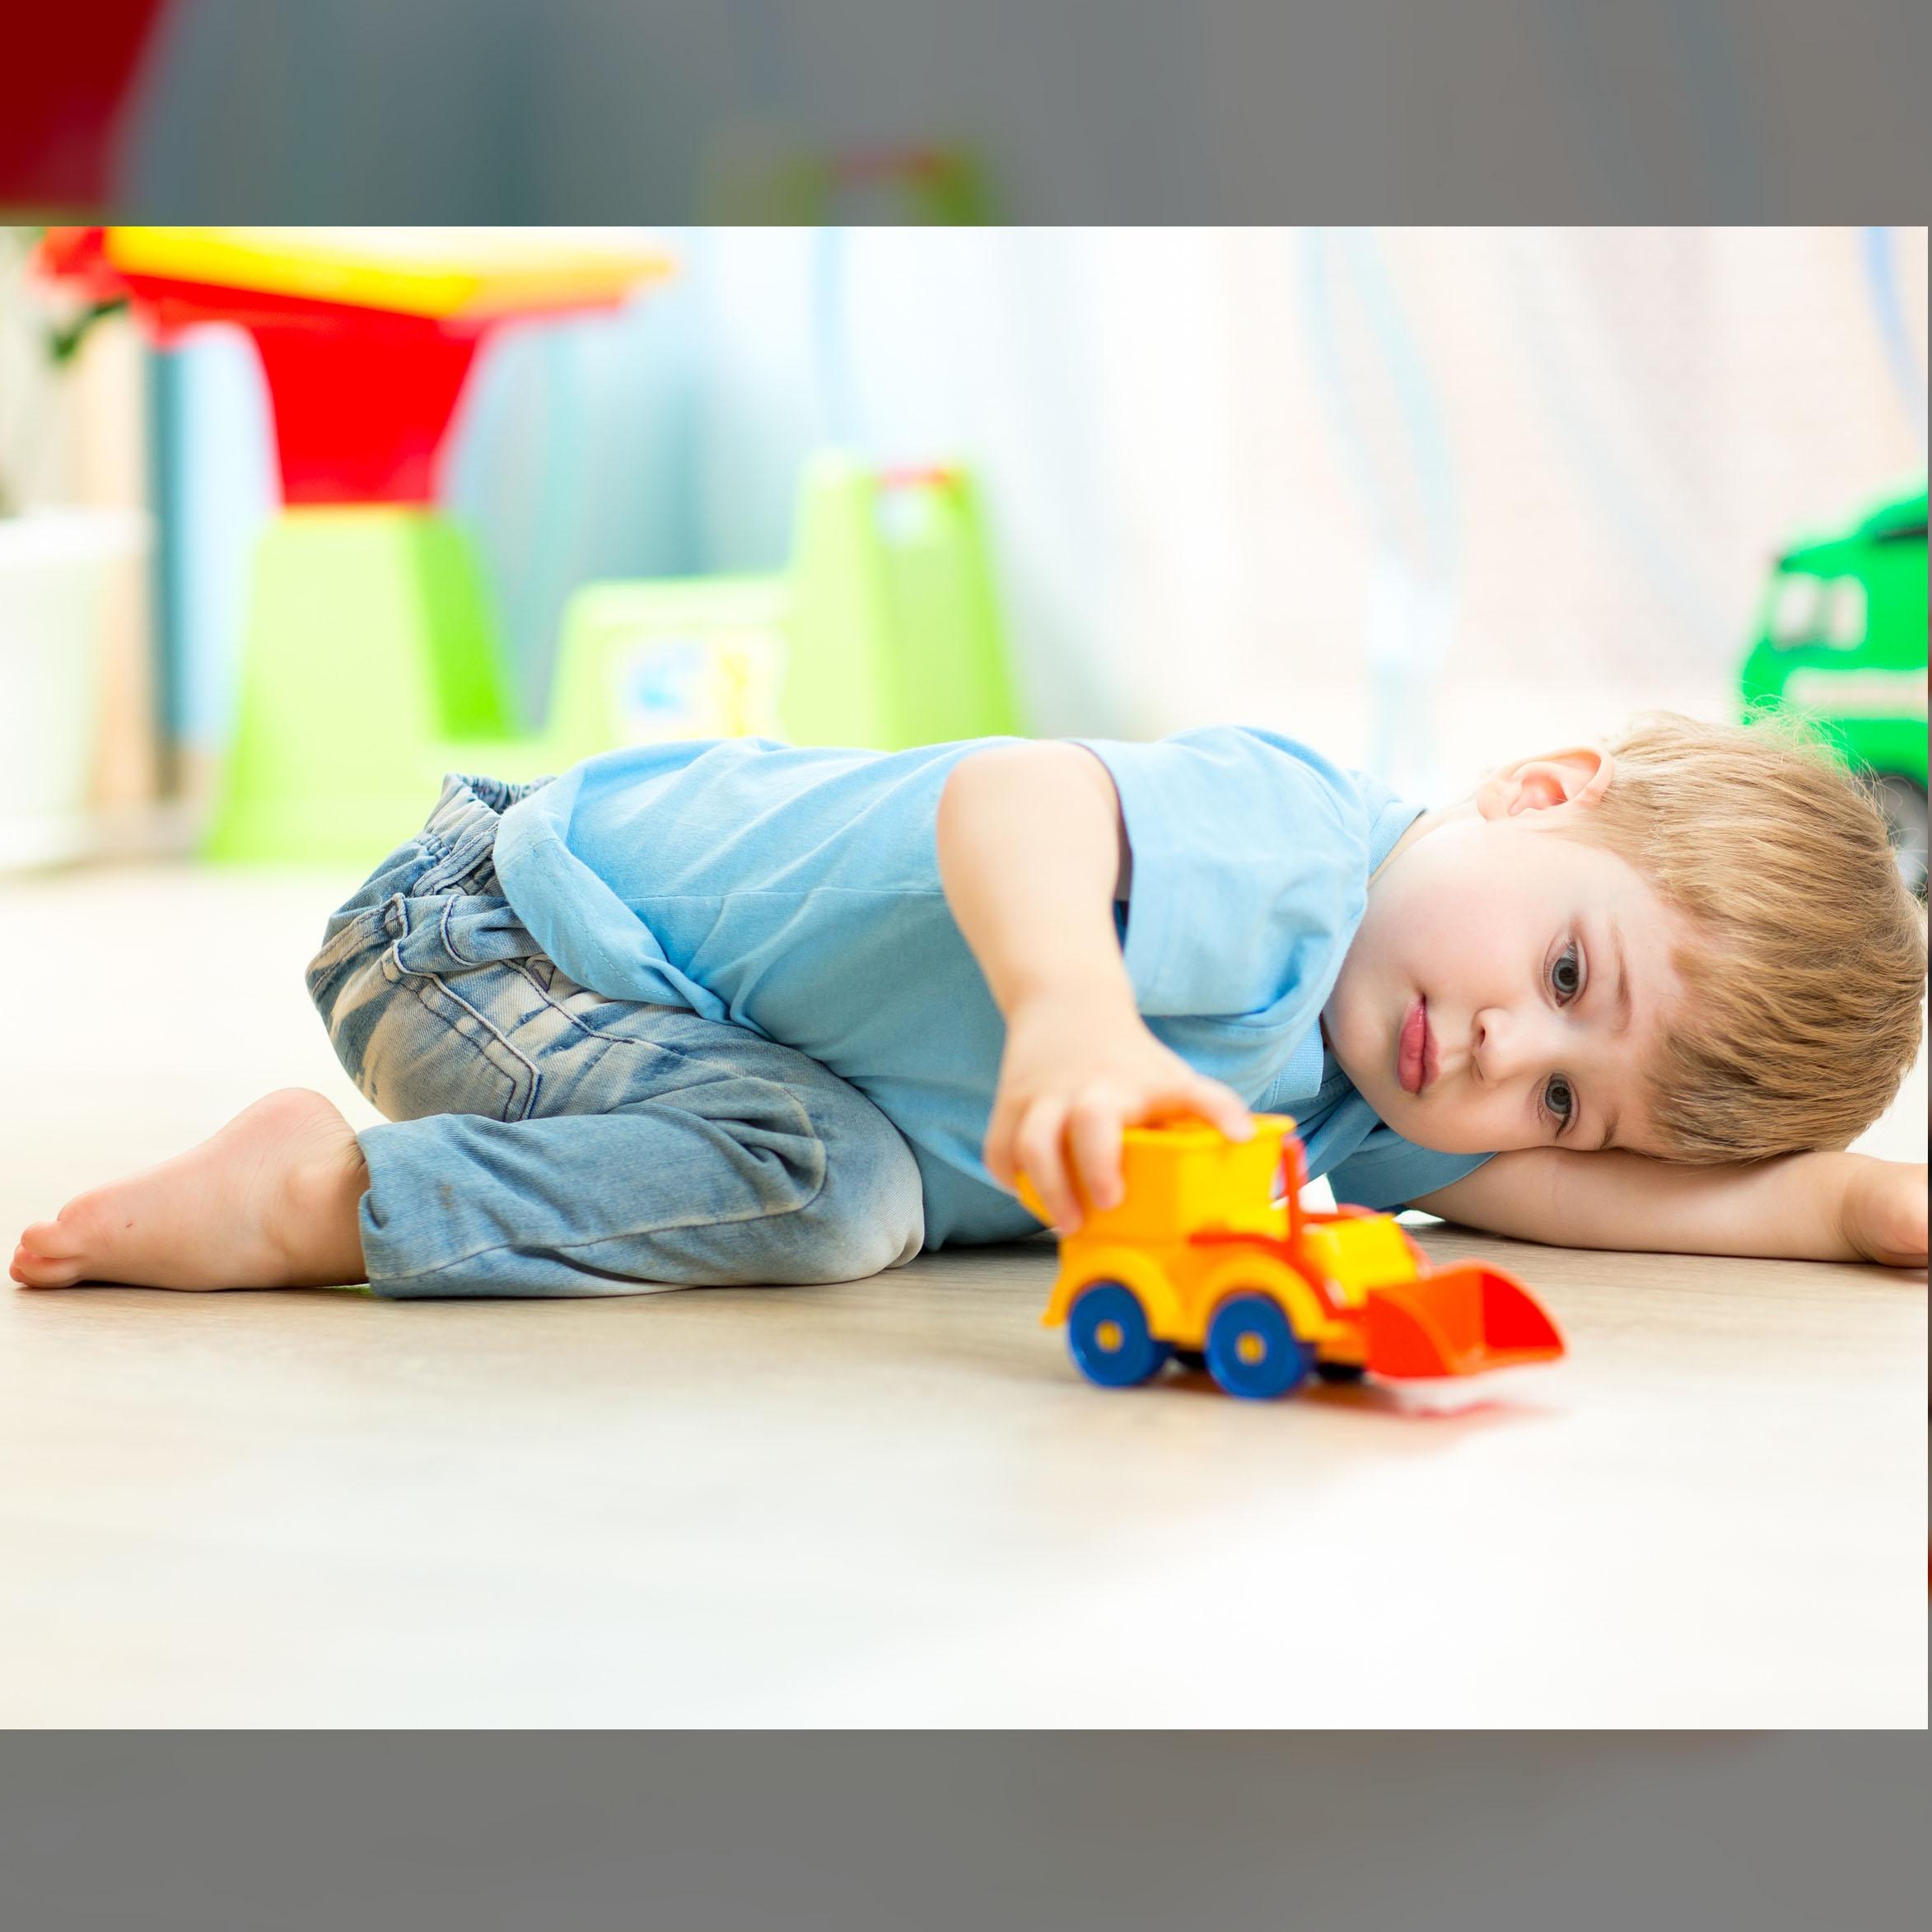 %d8%af%d8%b3%d8%aa%d9%87%e2%80%8c%d8%a8%d9%86%d8%af%db%8c-%d9%86%d8%b4%d8%af%d9%87 چند راه برای برگزاری جشن تولد ارزان ضرورت بازی کودک 10 بازی سرگرمی کودکانه 20484